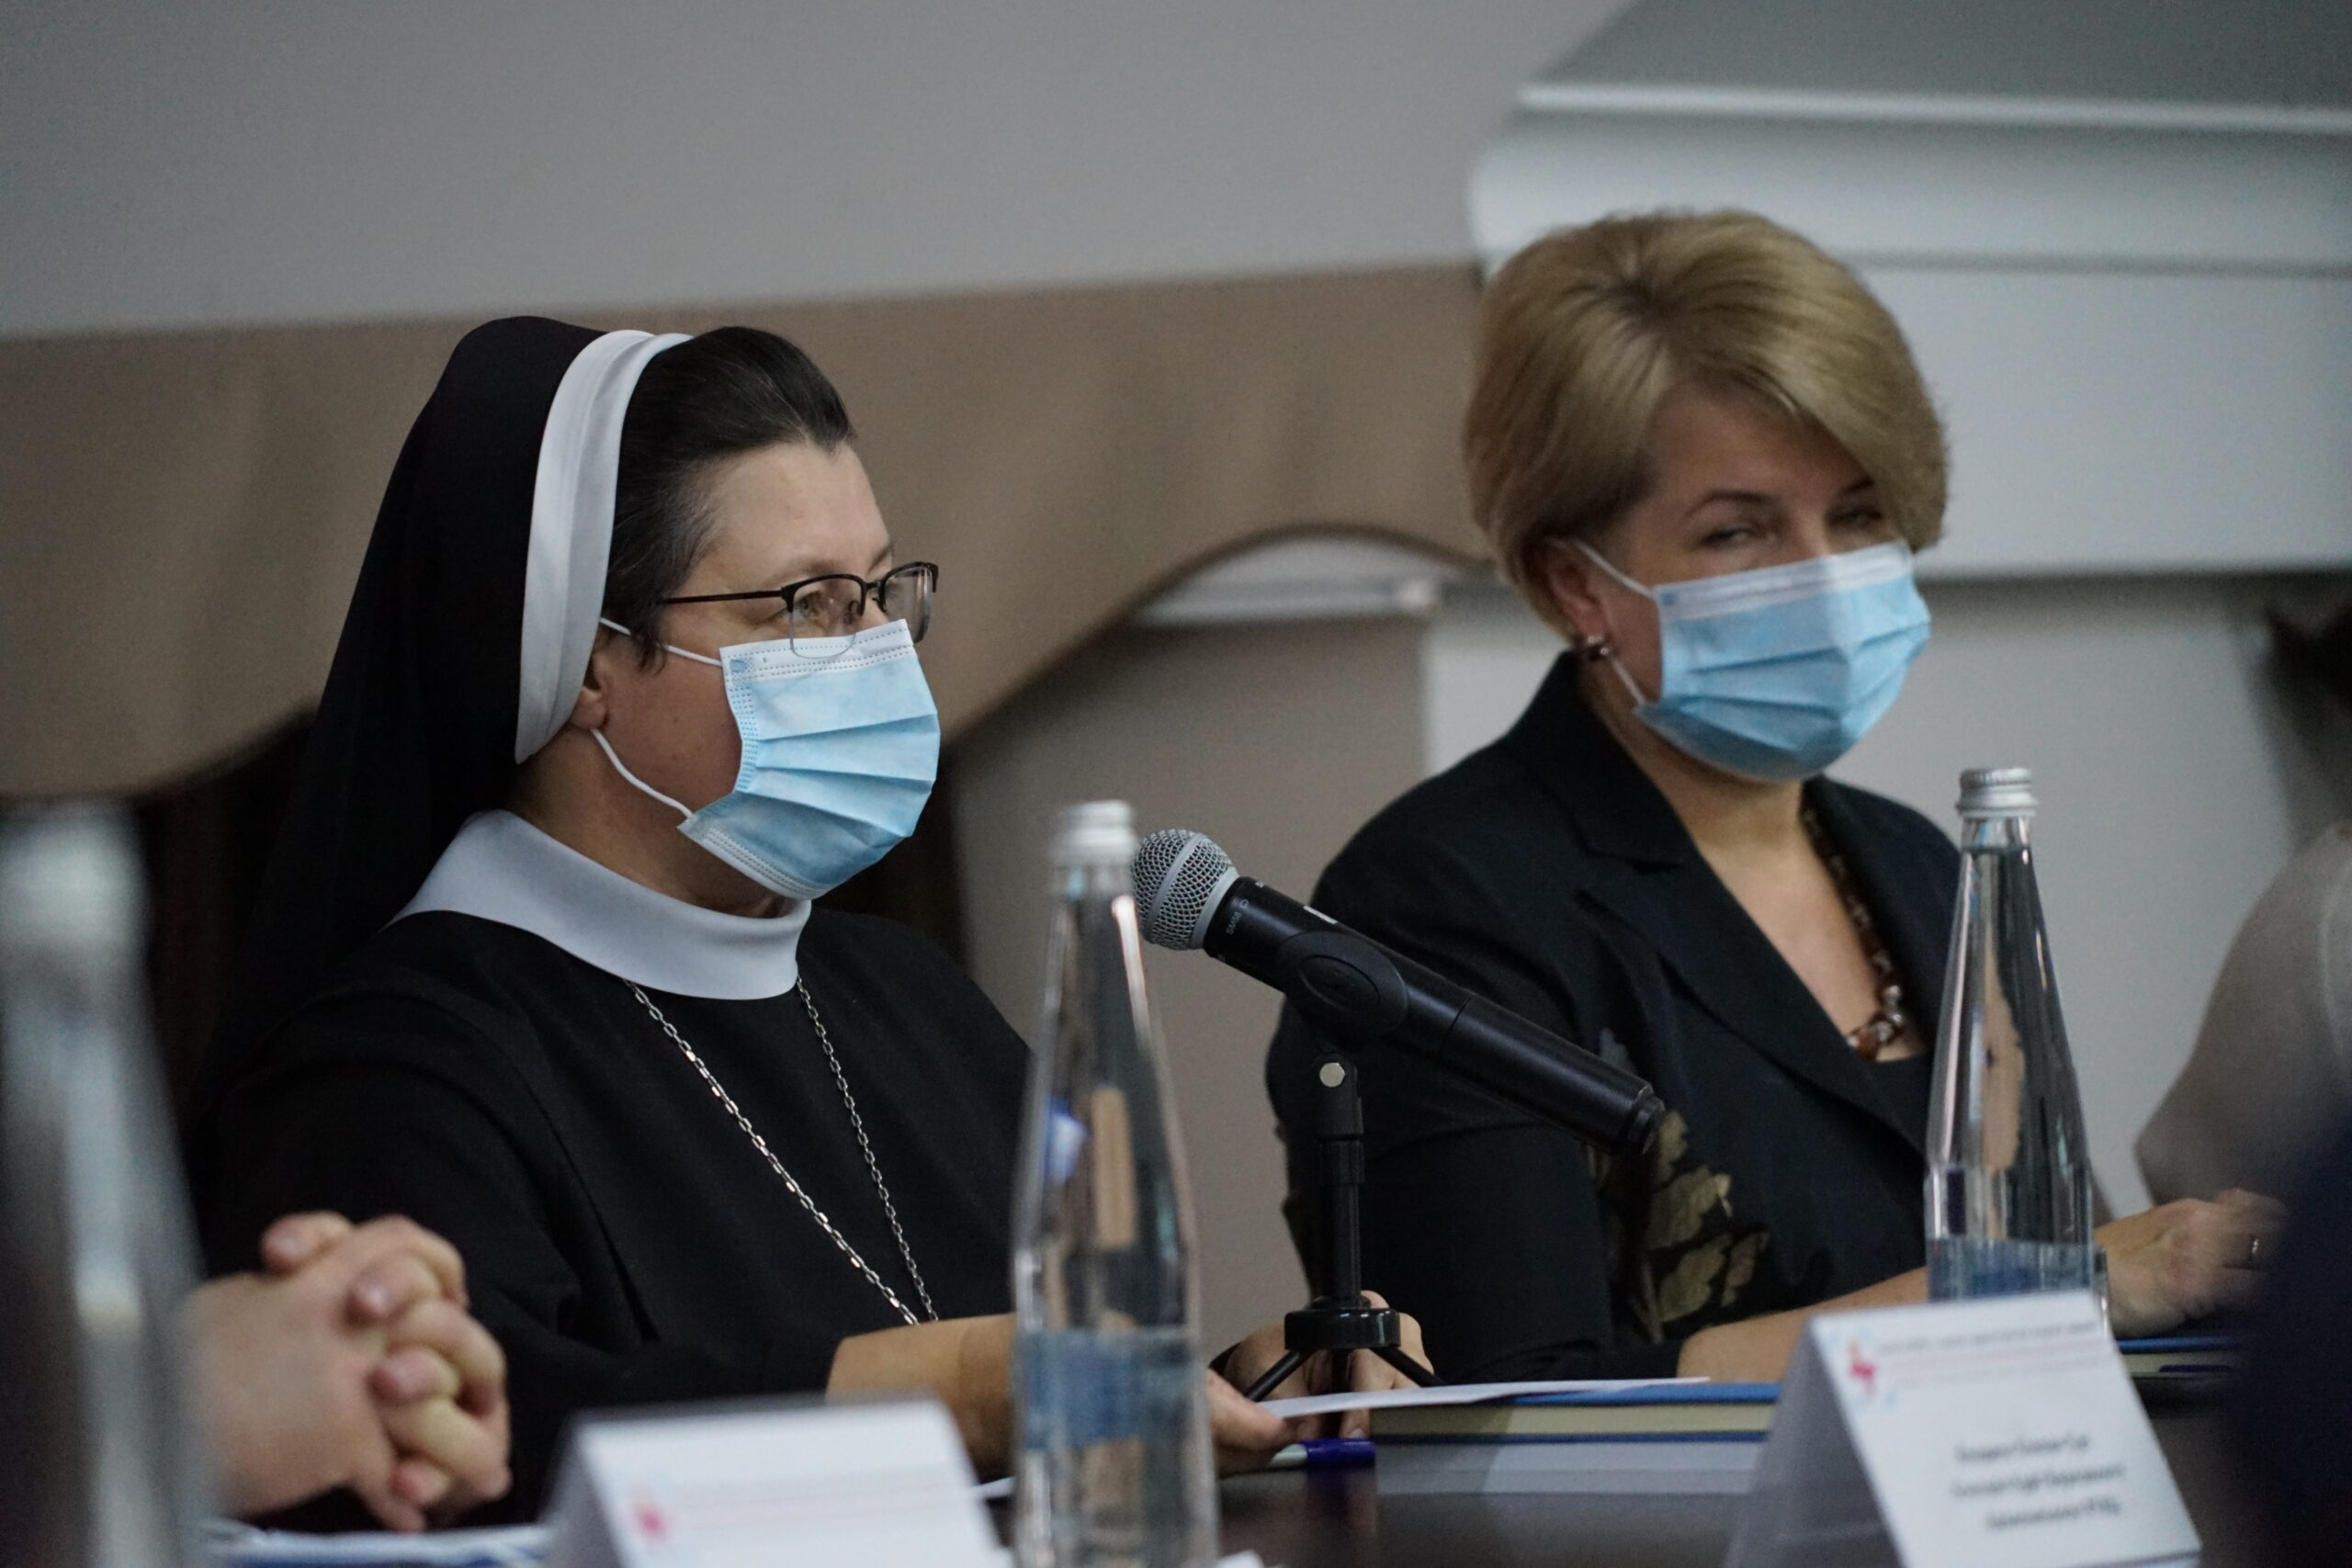 Перспективи розвитку медичного капеланства в Україні обговорили під час круглого столу у Львові_2